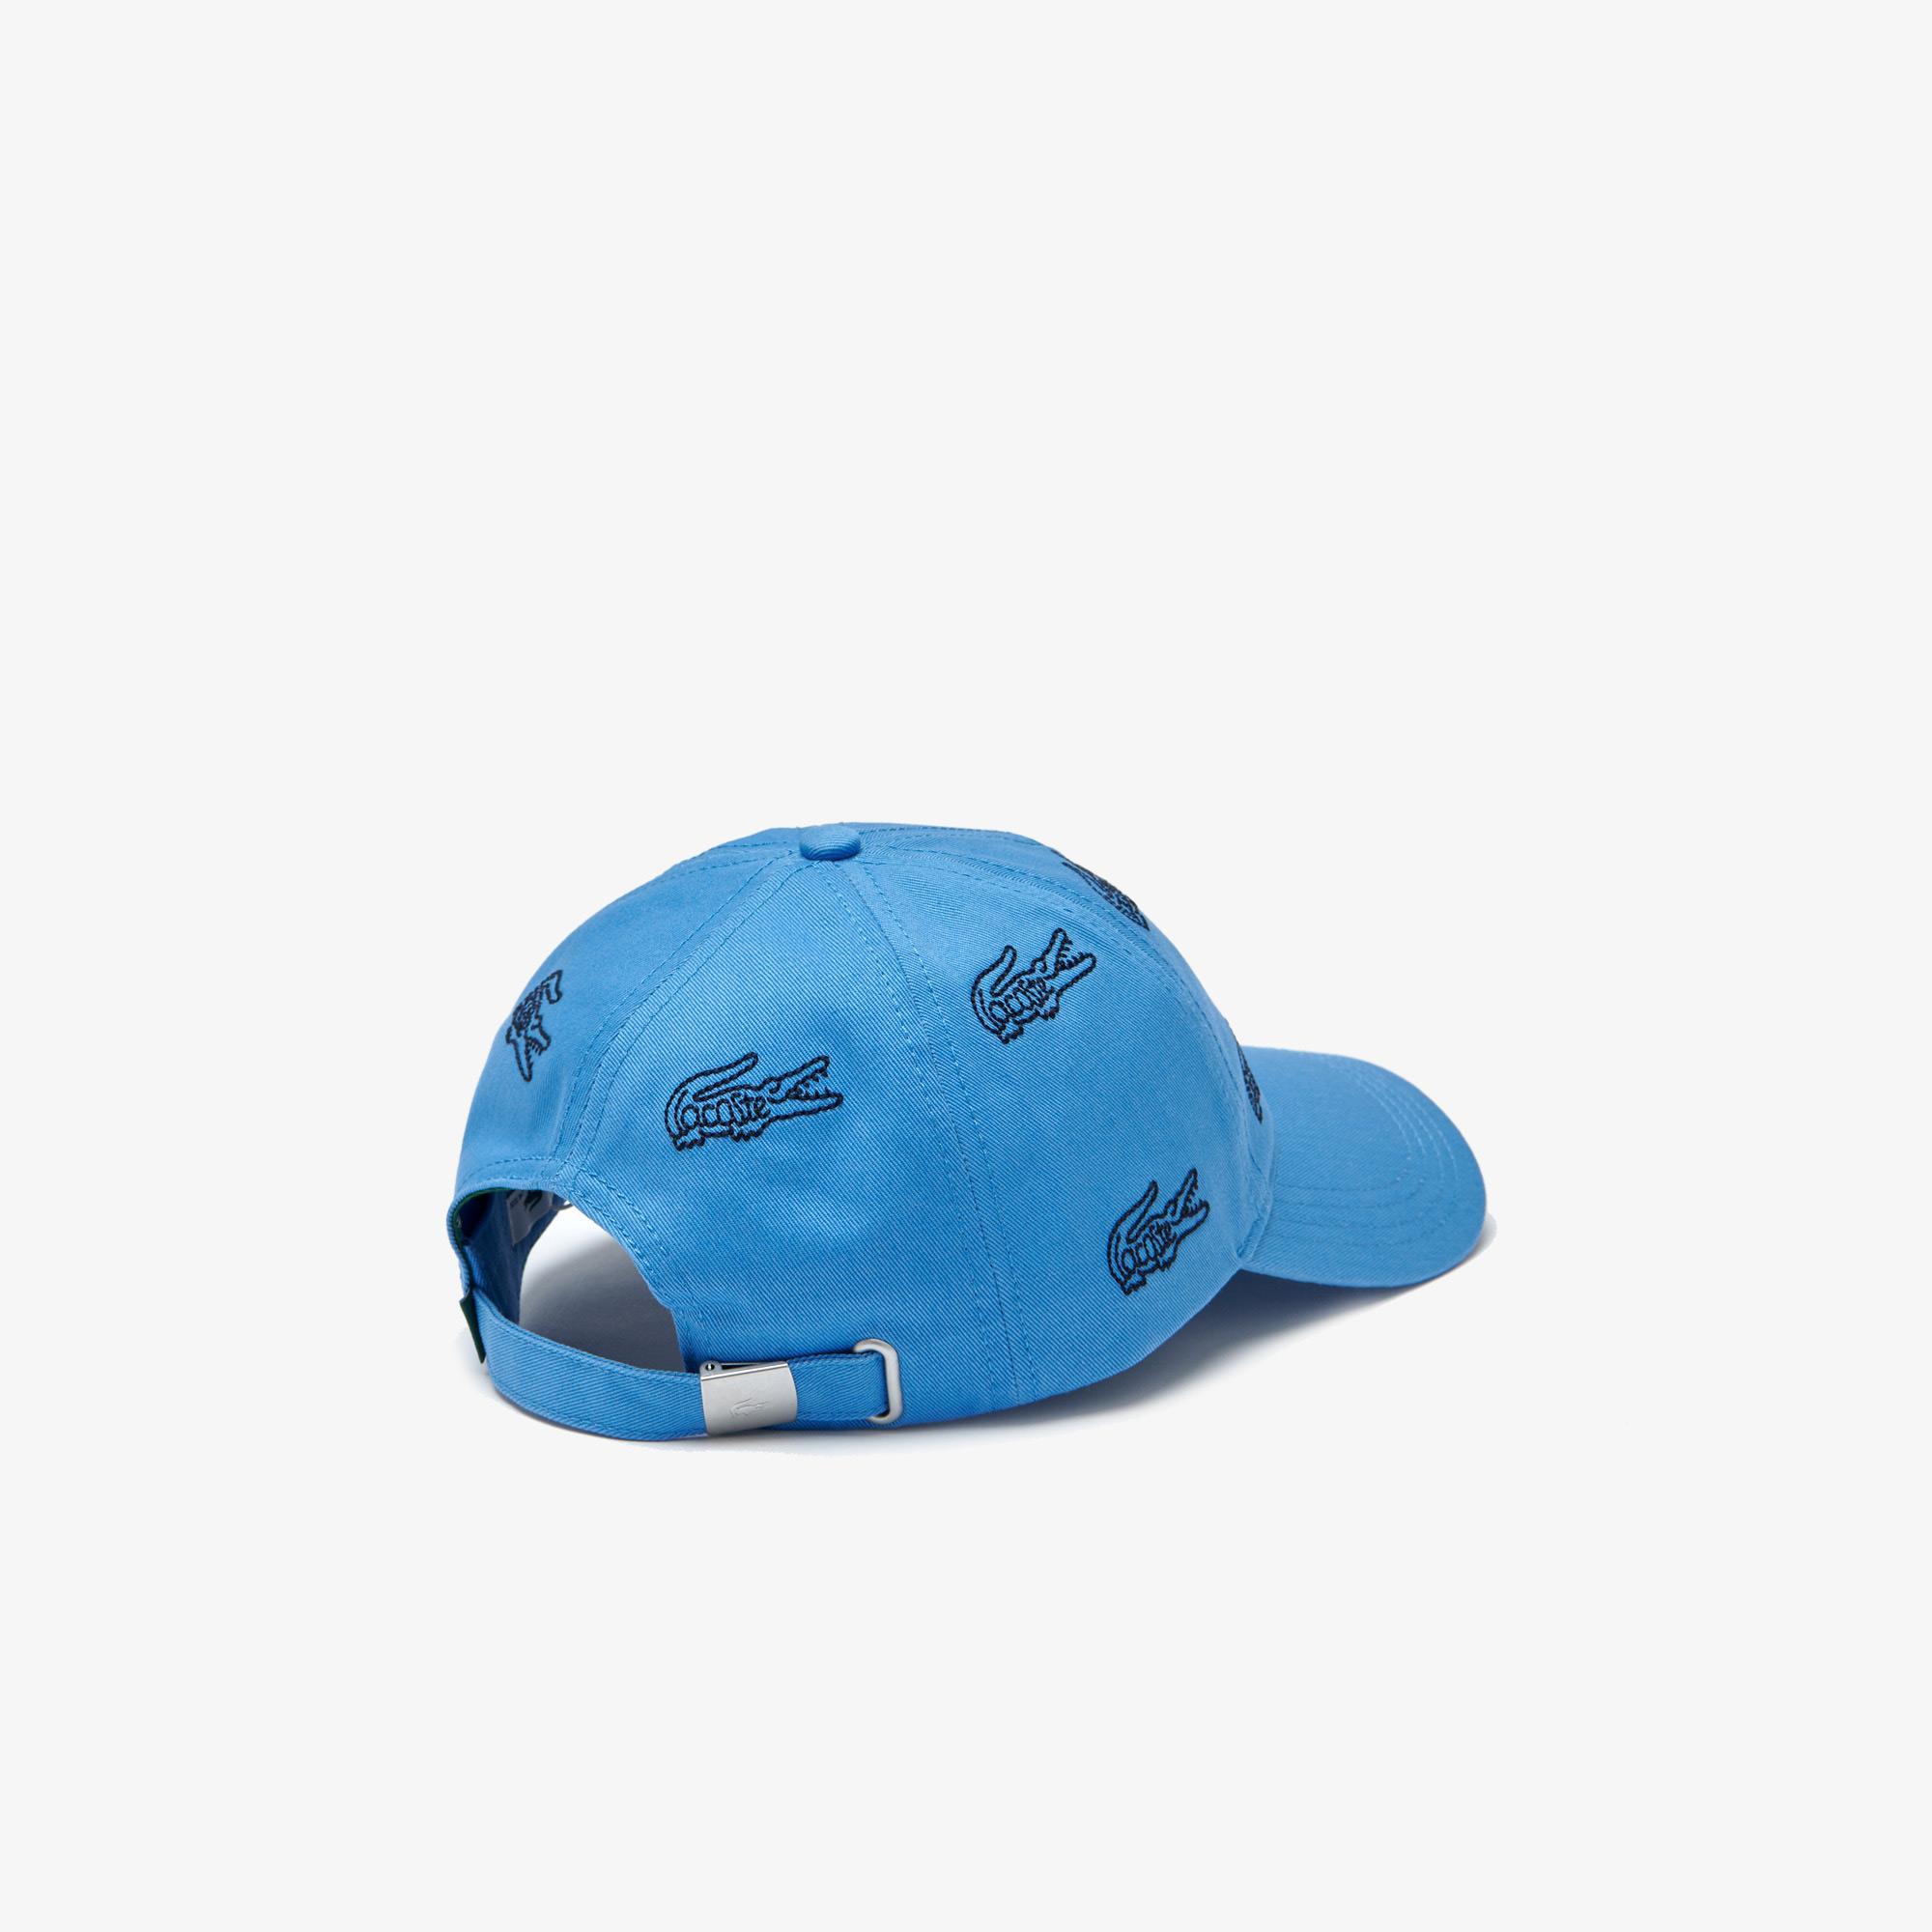 Lacoste Men's Embroidered Crocodile Cotton Cap